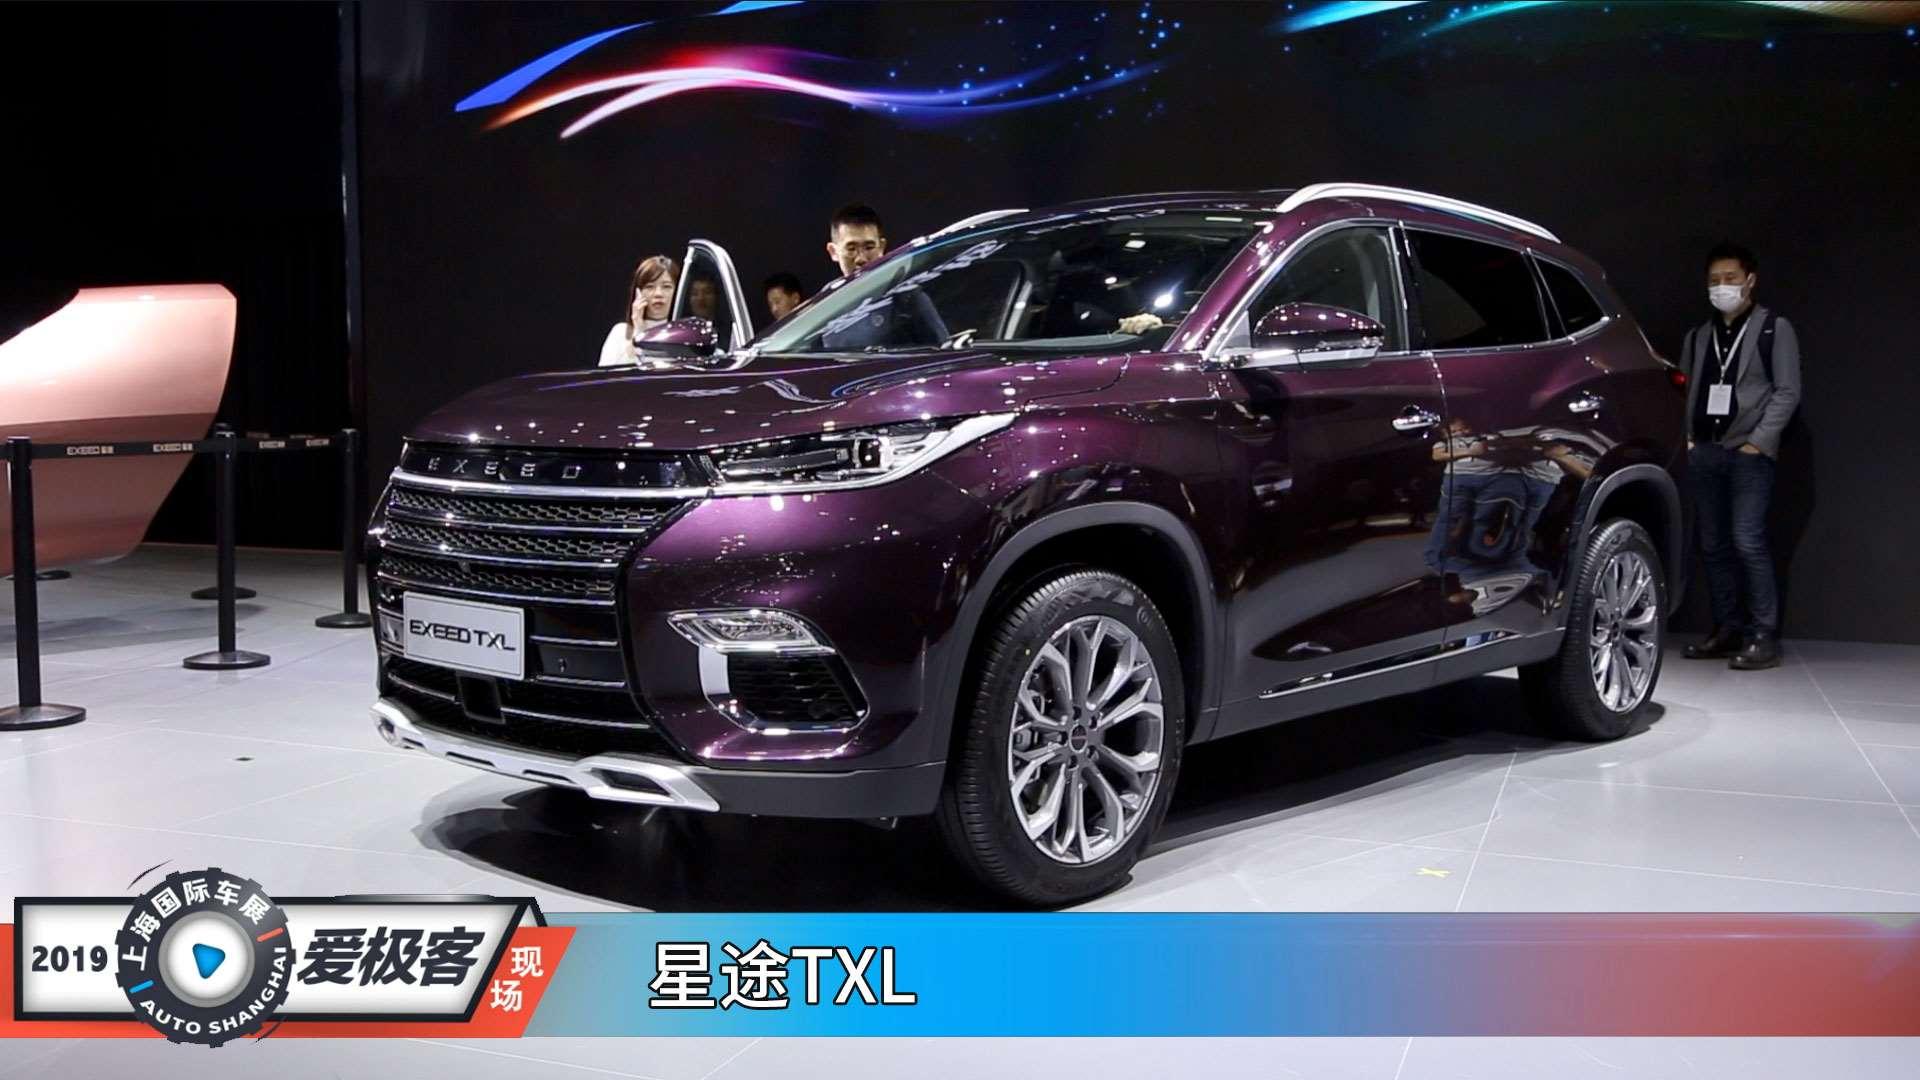 2019上海车展 奇瑞的新高端 星途TX TXL